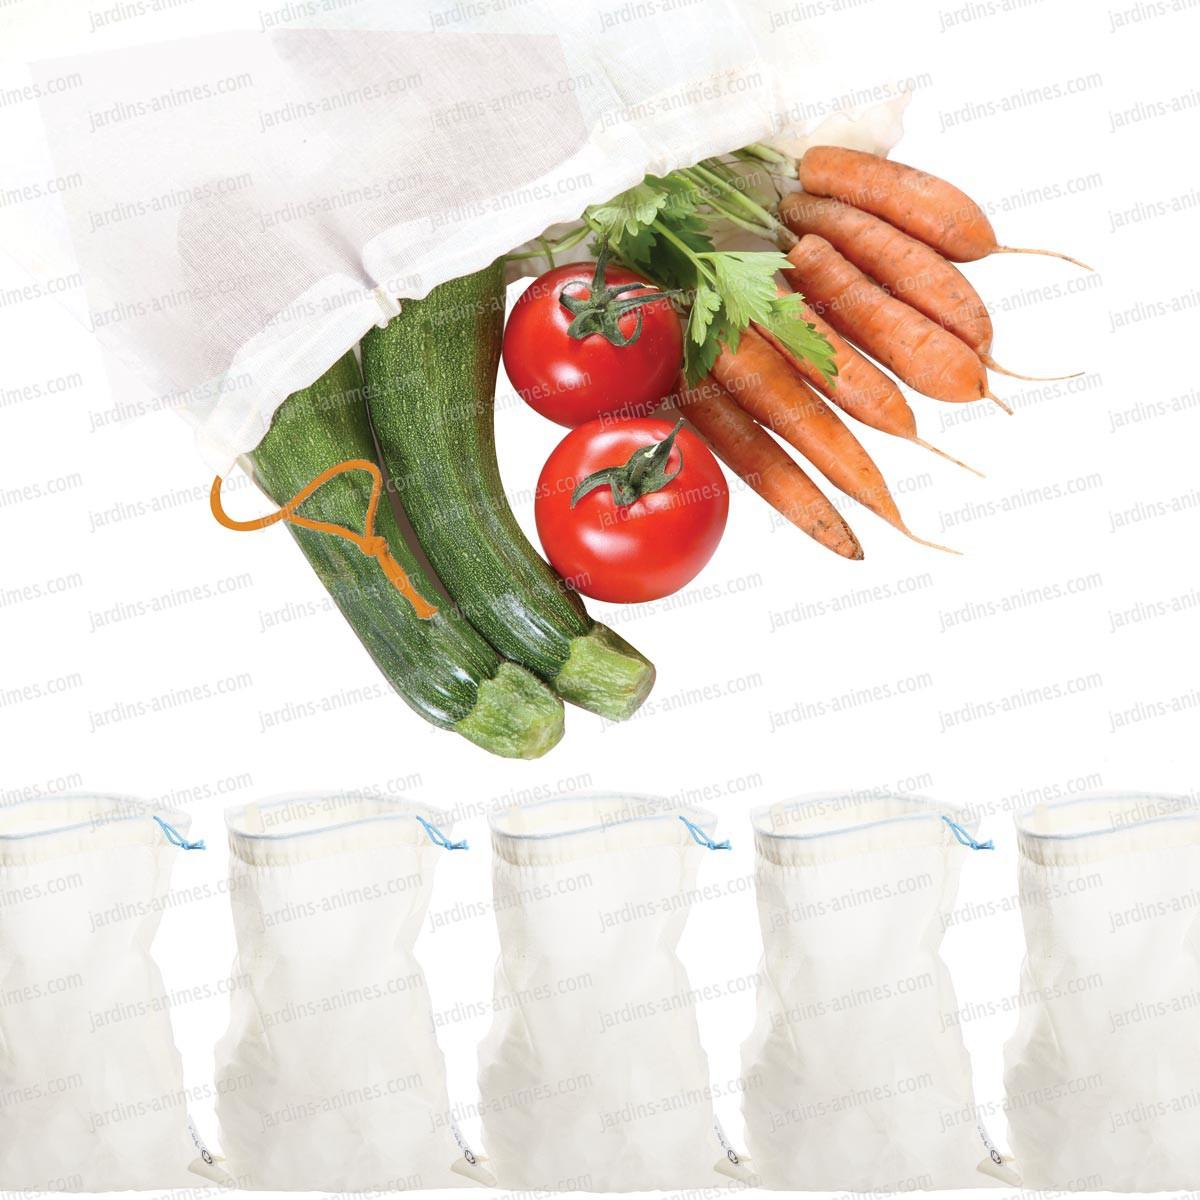 Sacs r utilisable tissu bio fruits et l gumes lot de 5 - Fruit ou legume en i ...